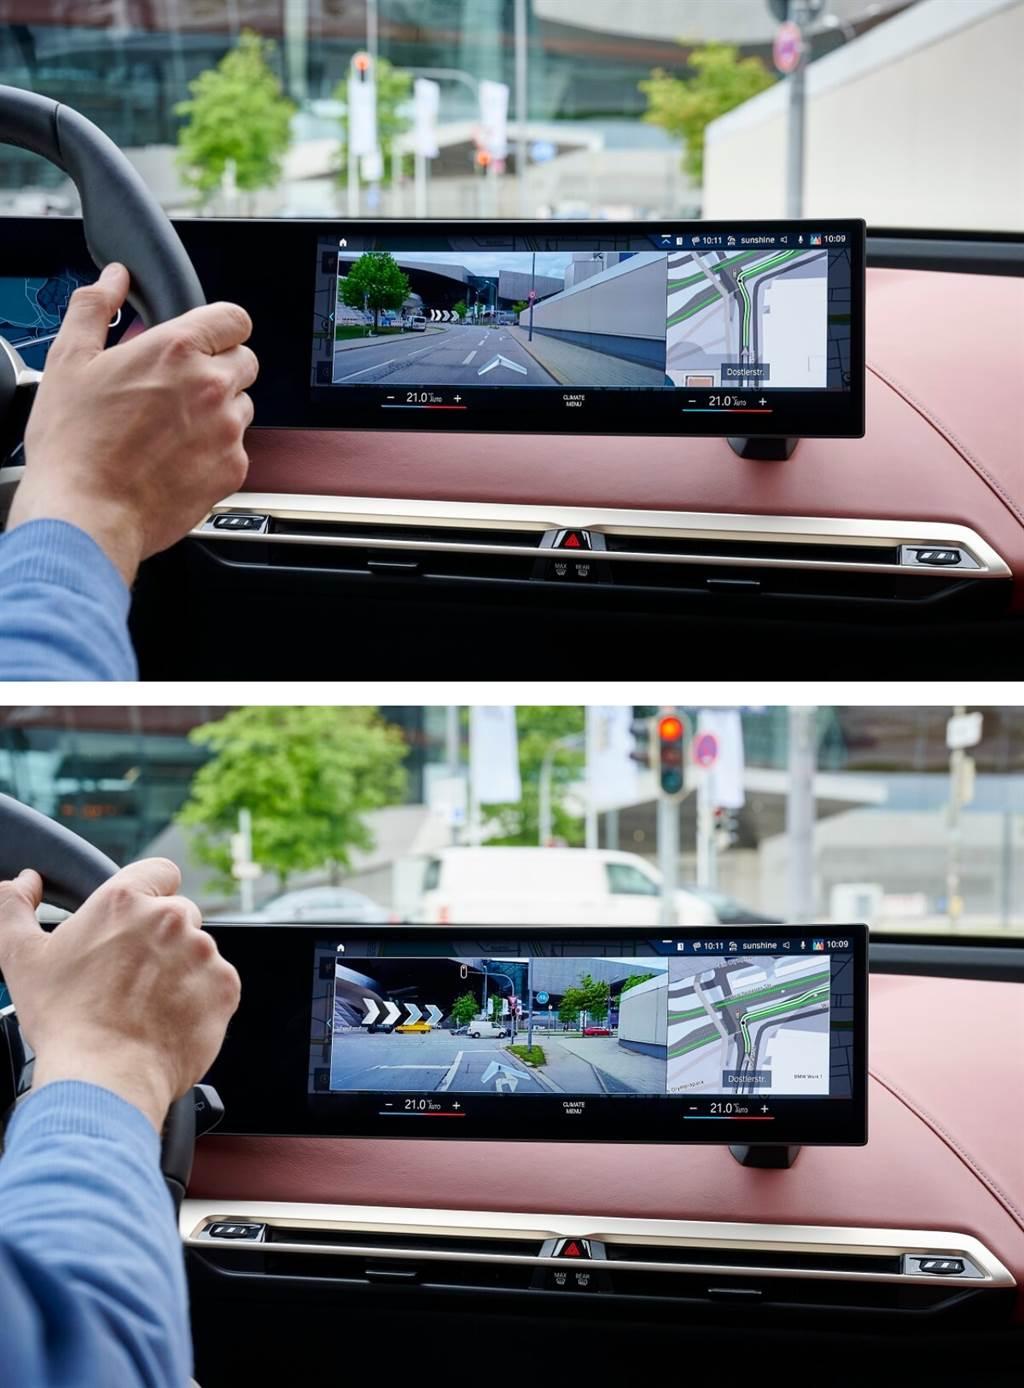 AR擴增實境投影功能與智能衛星導航結合,可在實際的影像中投射方向指示,更精準協助駕駛前往目的地。